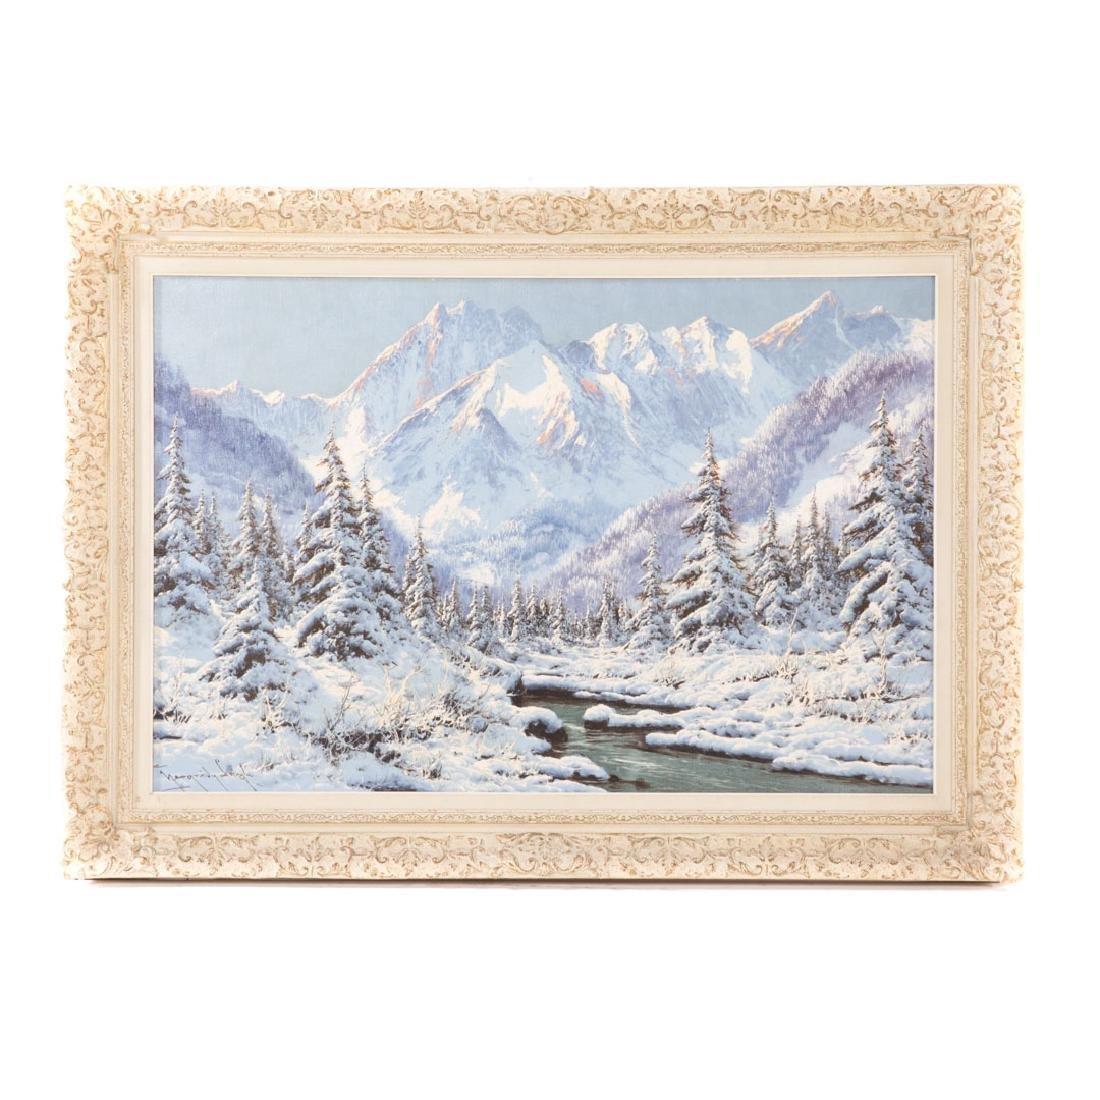 Laszlo Neogrady. Alpine Winter Landscape, oil